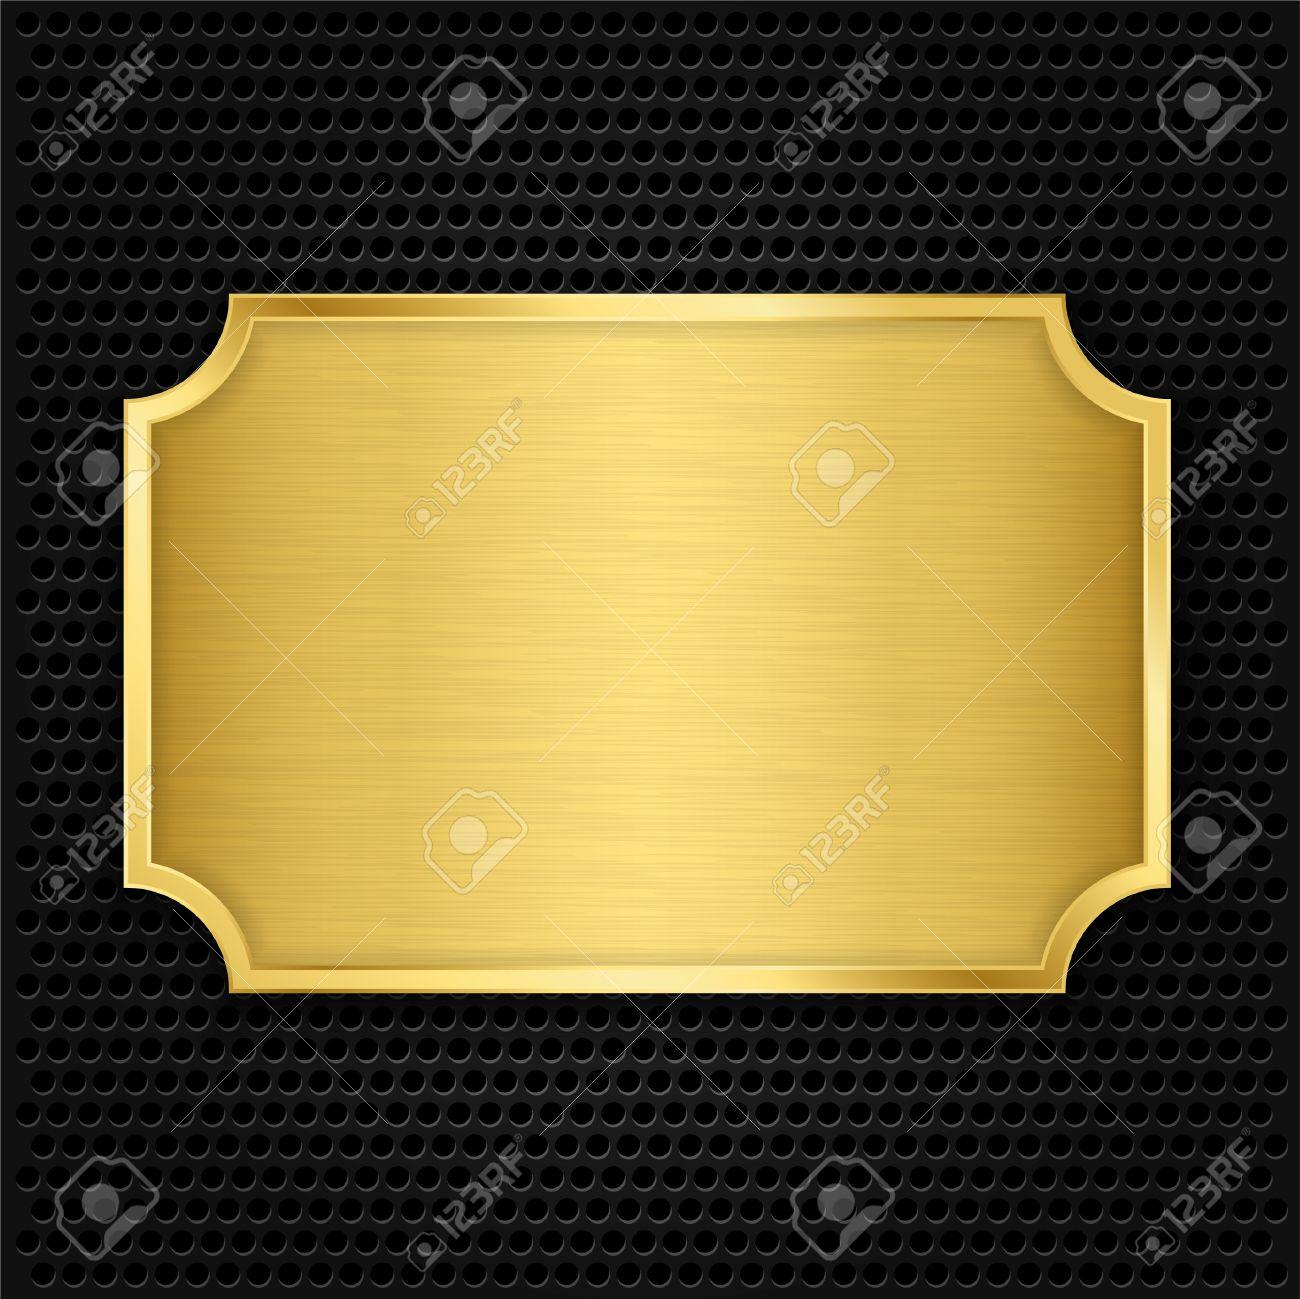 Brass Gold Texture Gold Texture Plate Vector